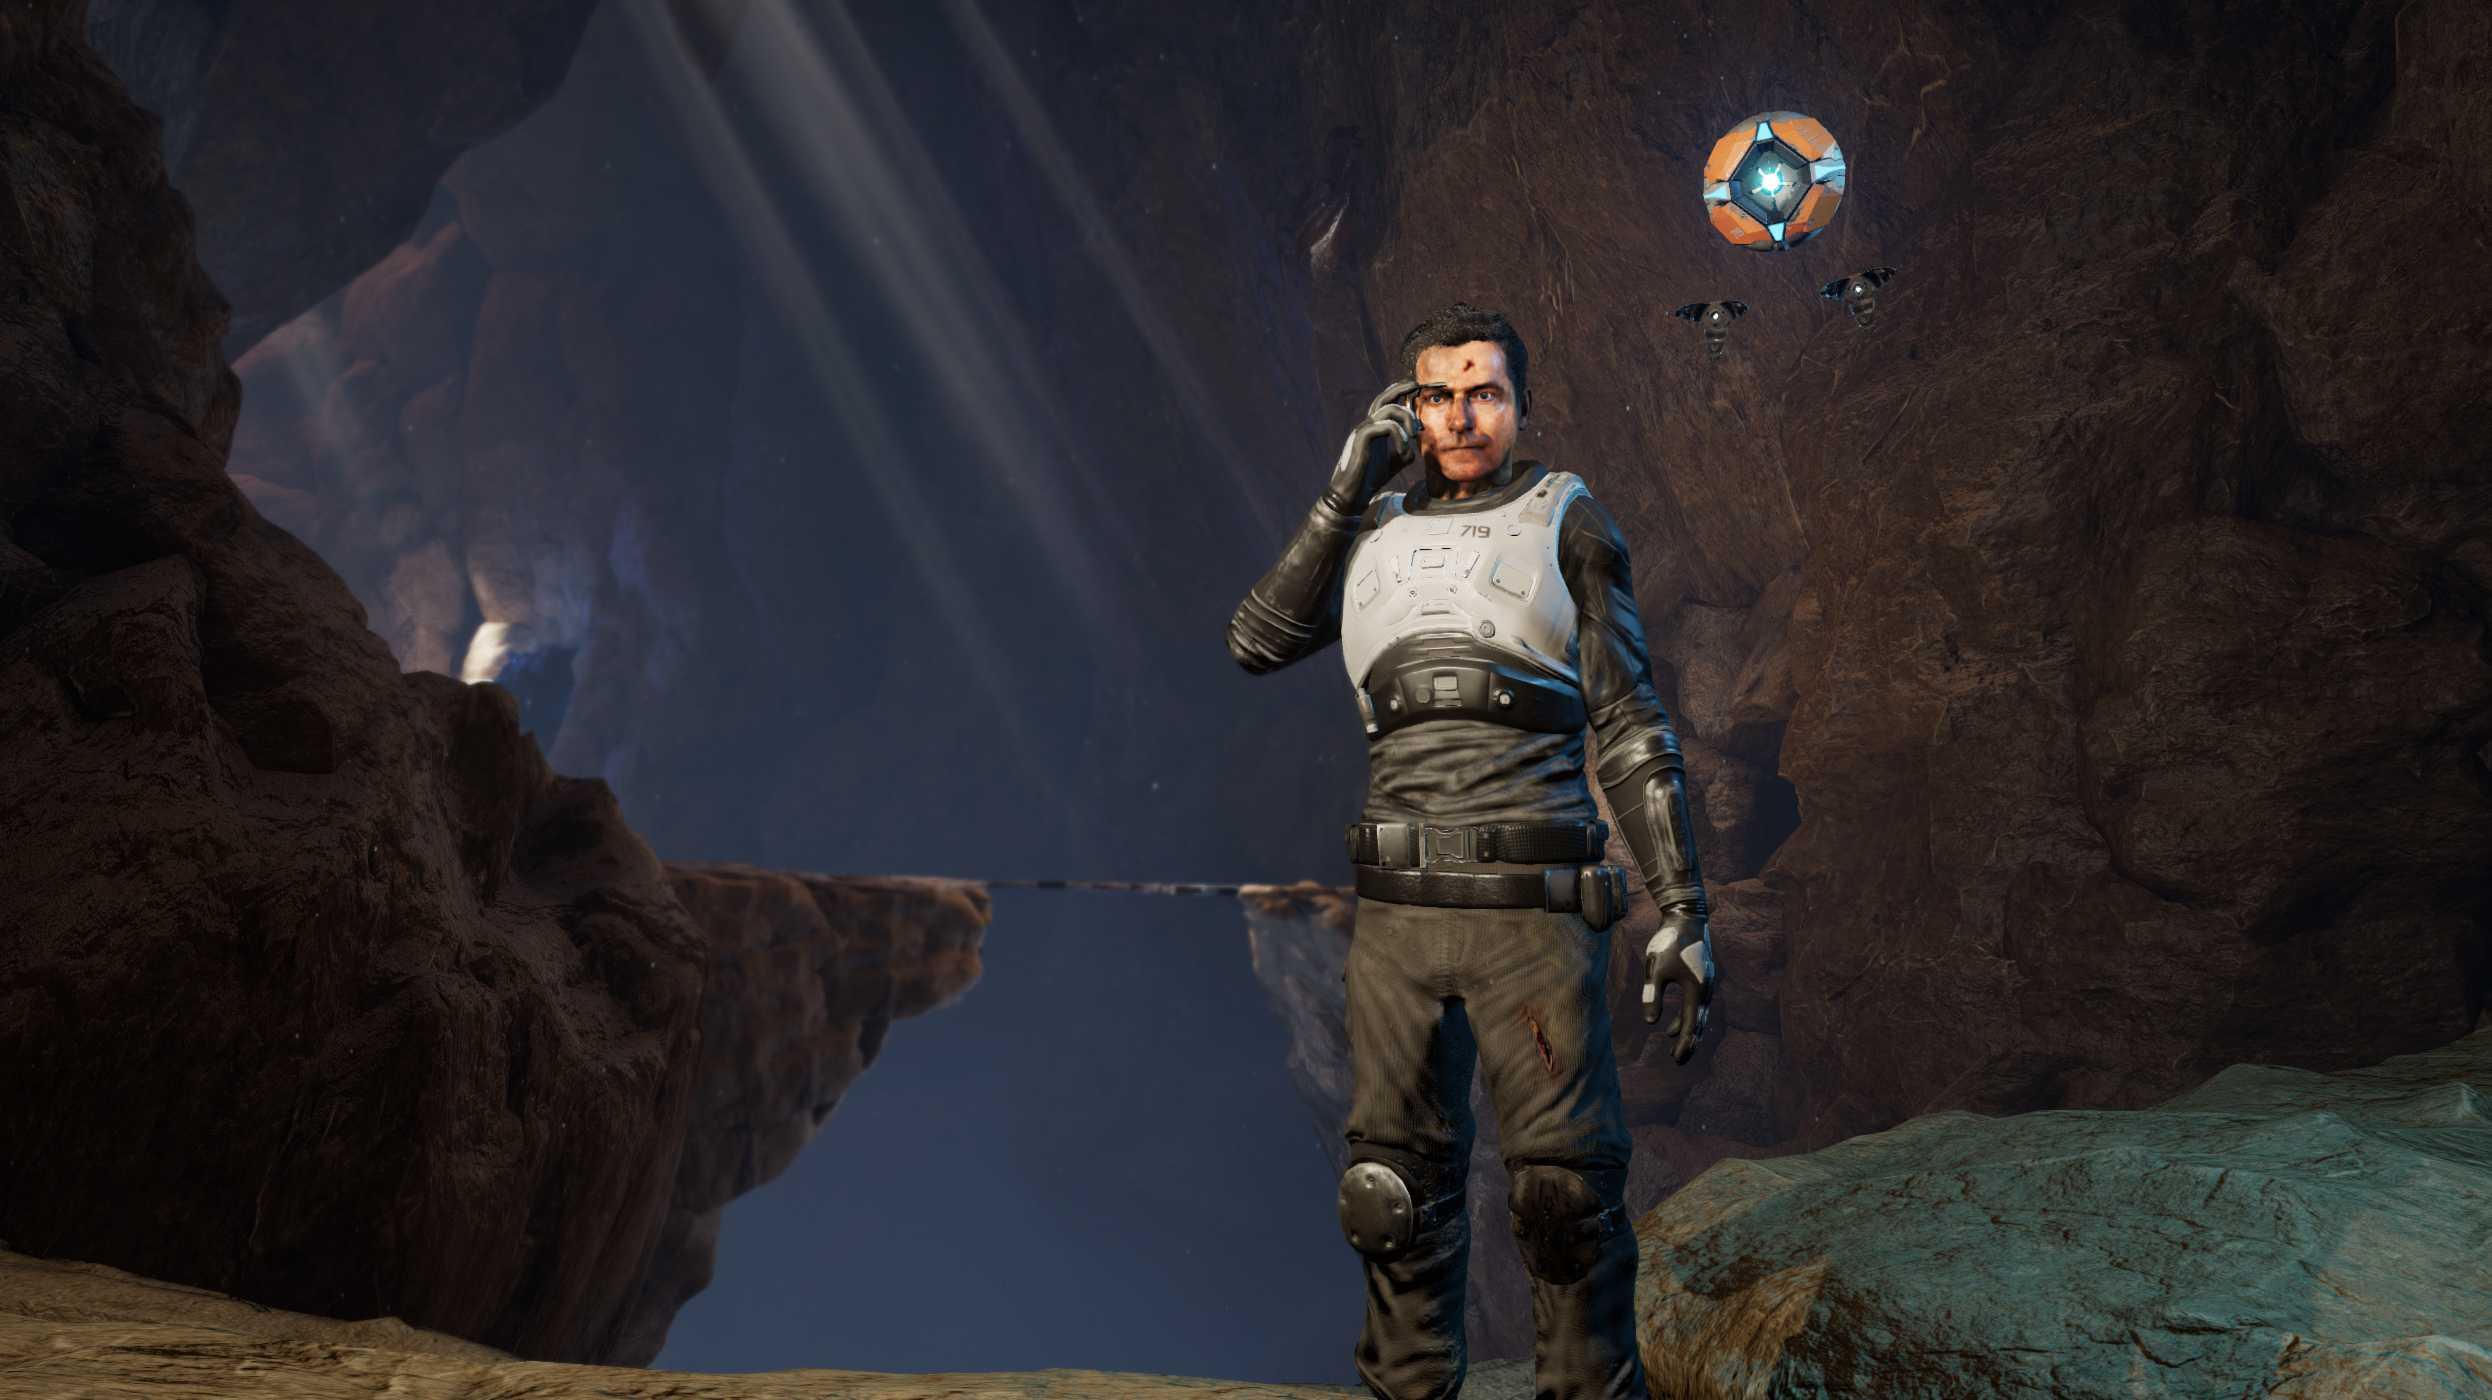 PSVR-Spiel Eden Tomorrow angetestet: Kalkofe verirrt sich im Weltall